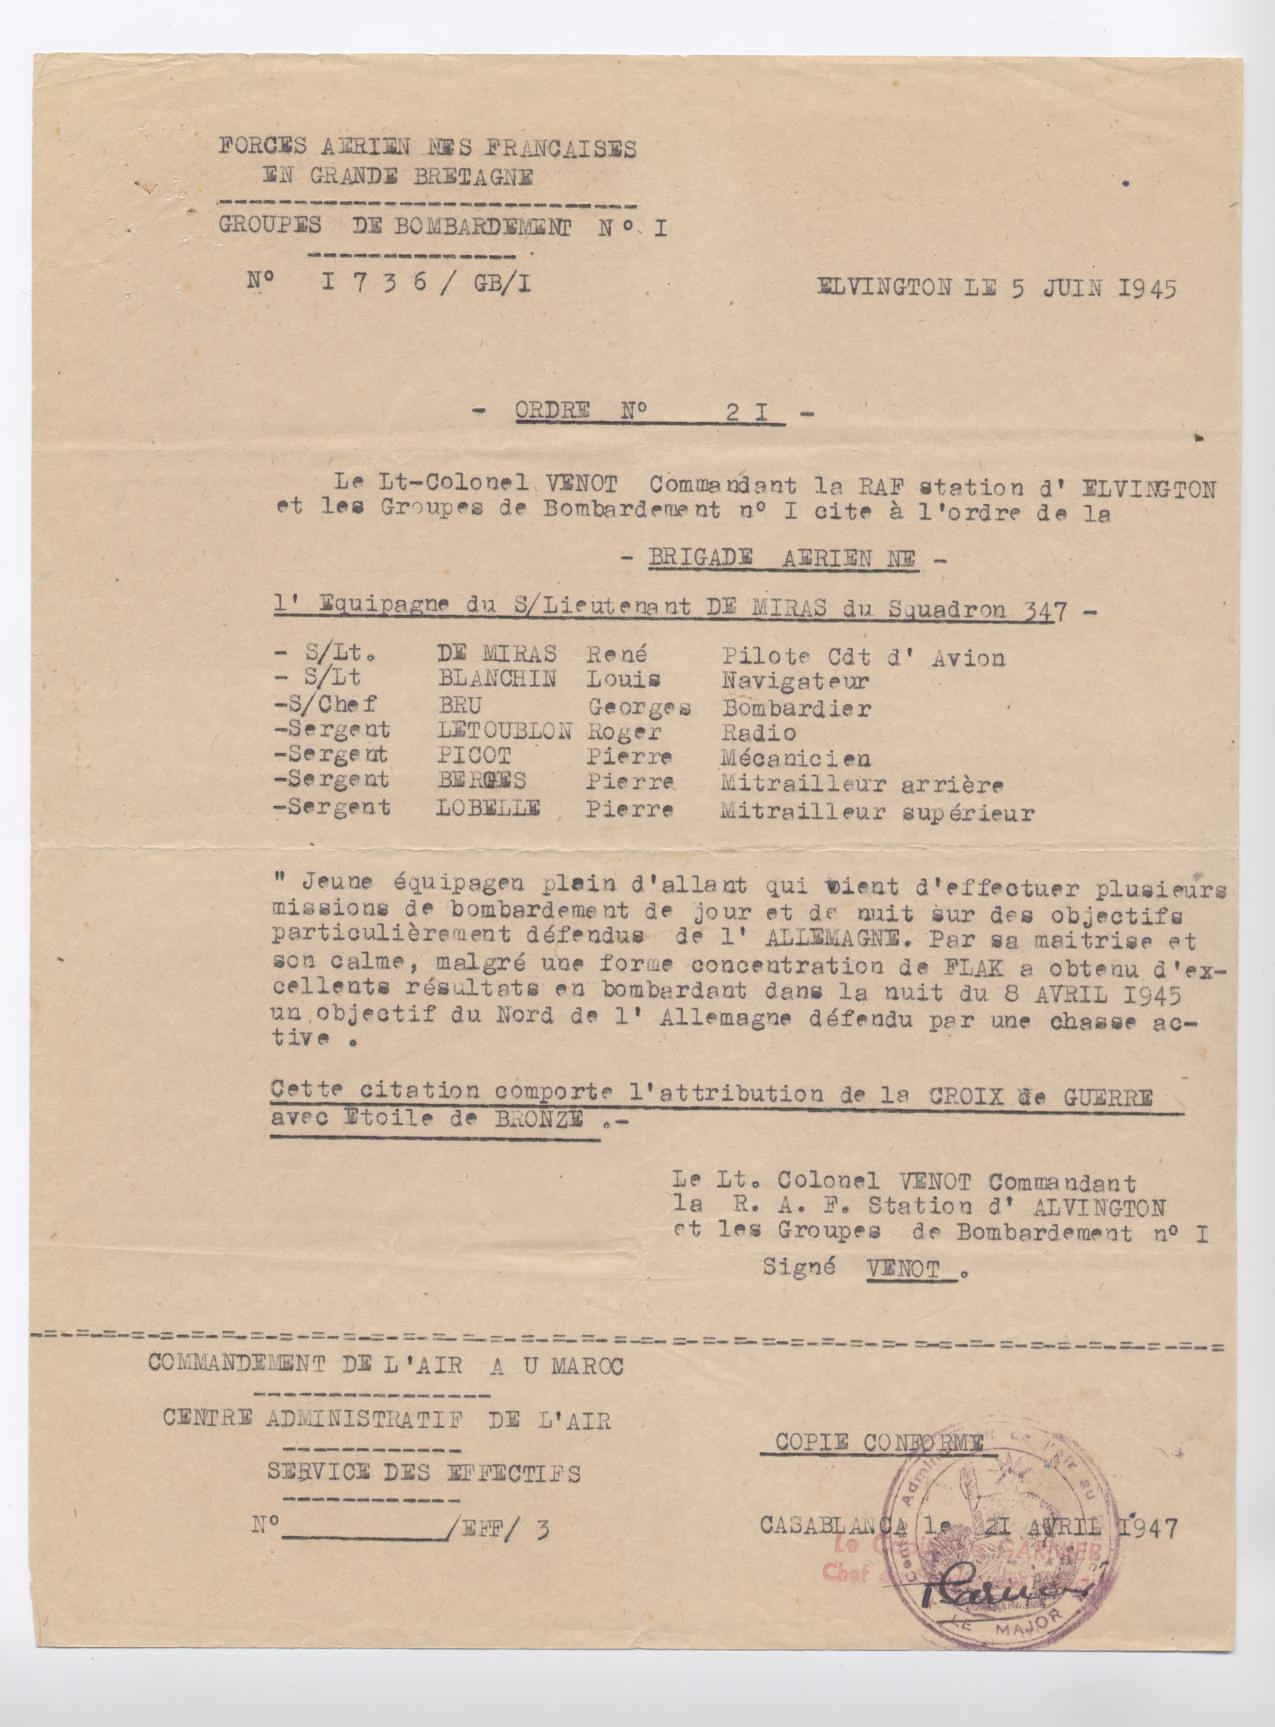 Doc Equipage de Miras René.jpg